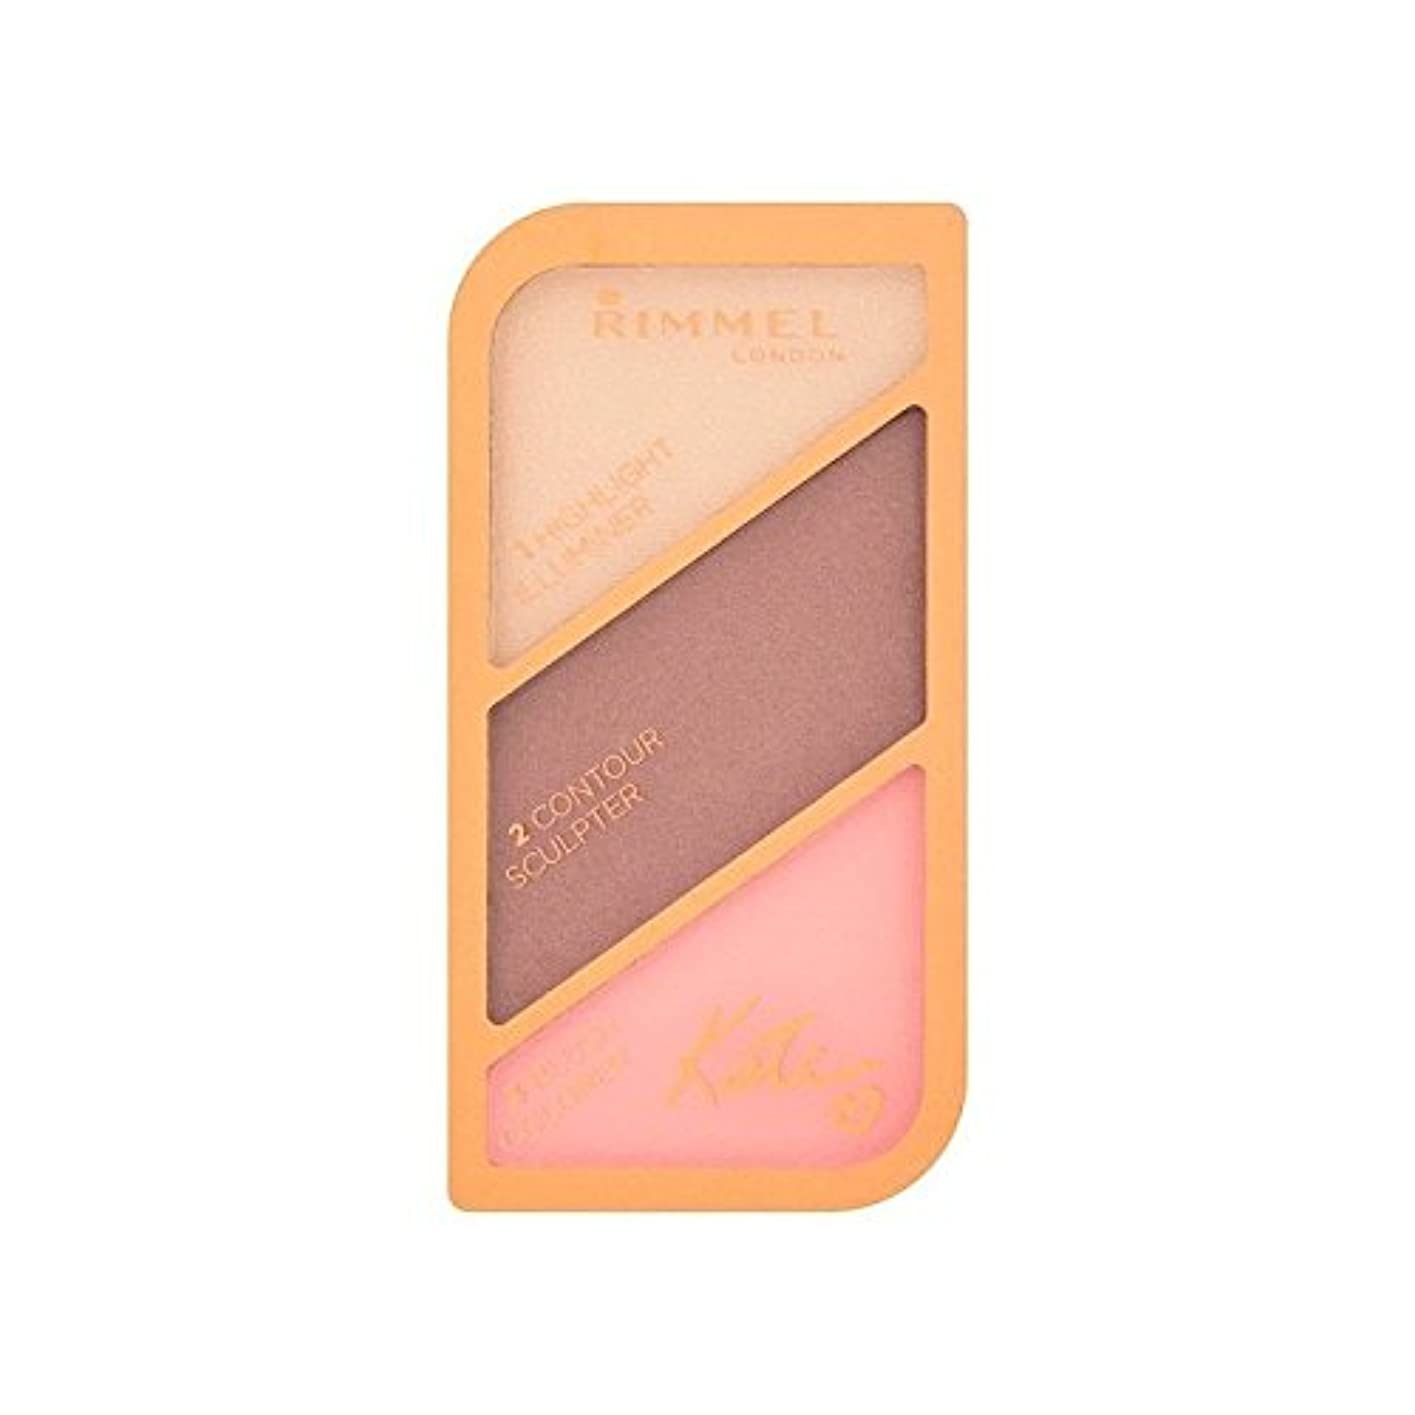 マネージャーアライアンスメンダシティリンメルケイト?モスの彫刻パレット黄金のブロンズ003 x2 - Rimmel Kate Moss Sculpting Palette Golden Bronze 003 (Pack of 2) [並行輸入品]